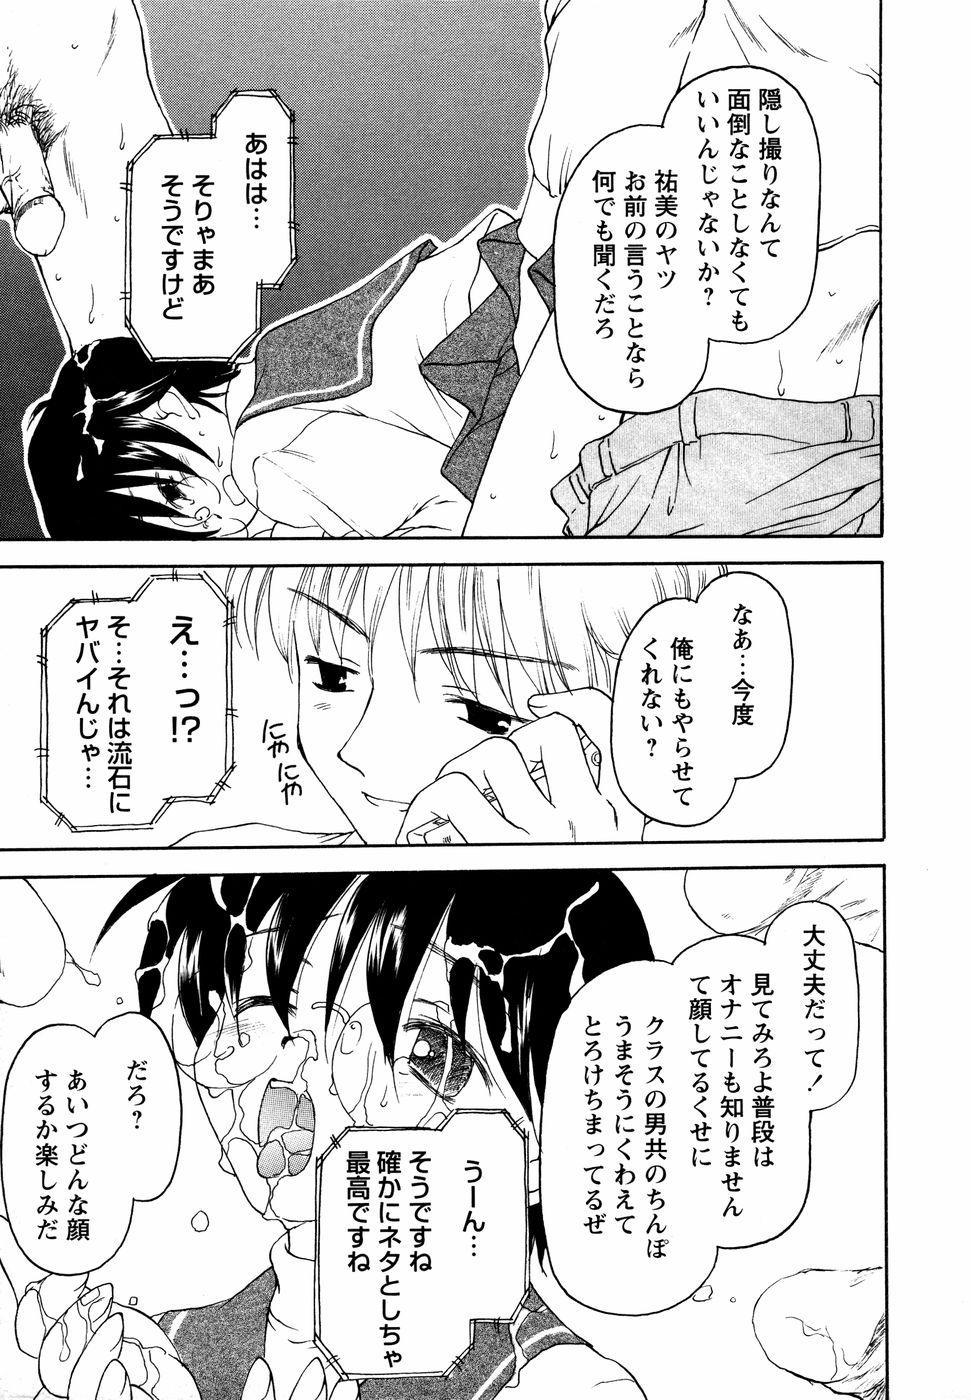 Megane Imouto Ryoujoku 65